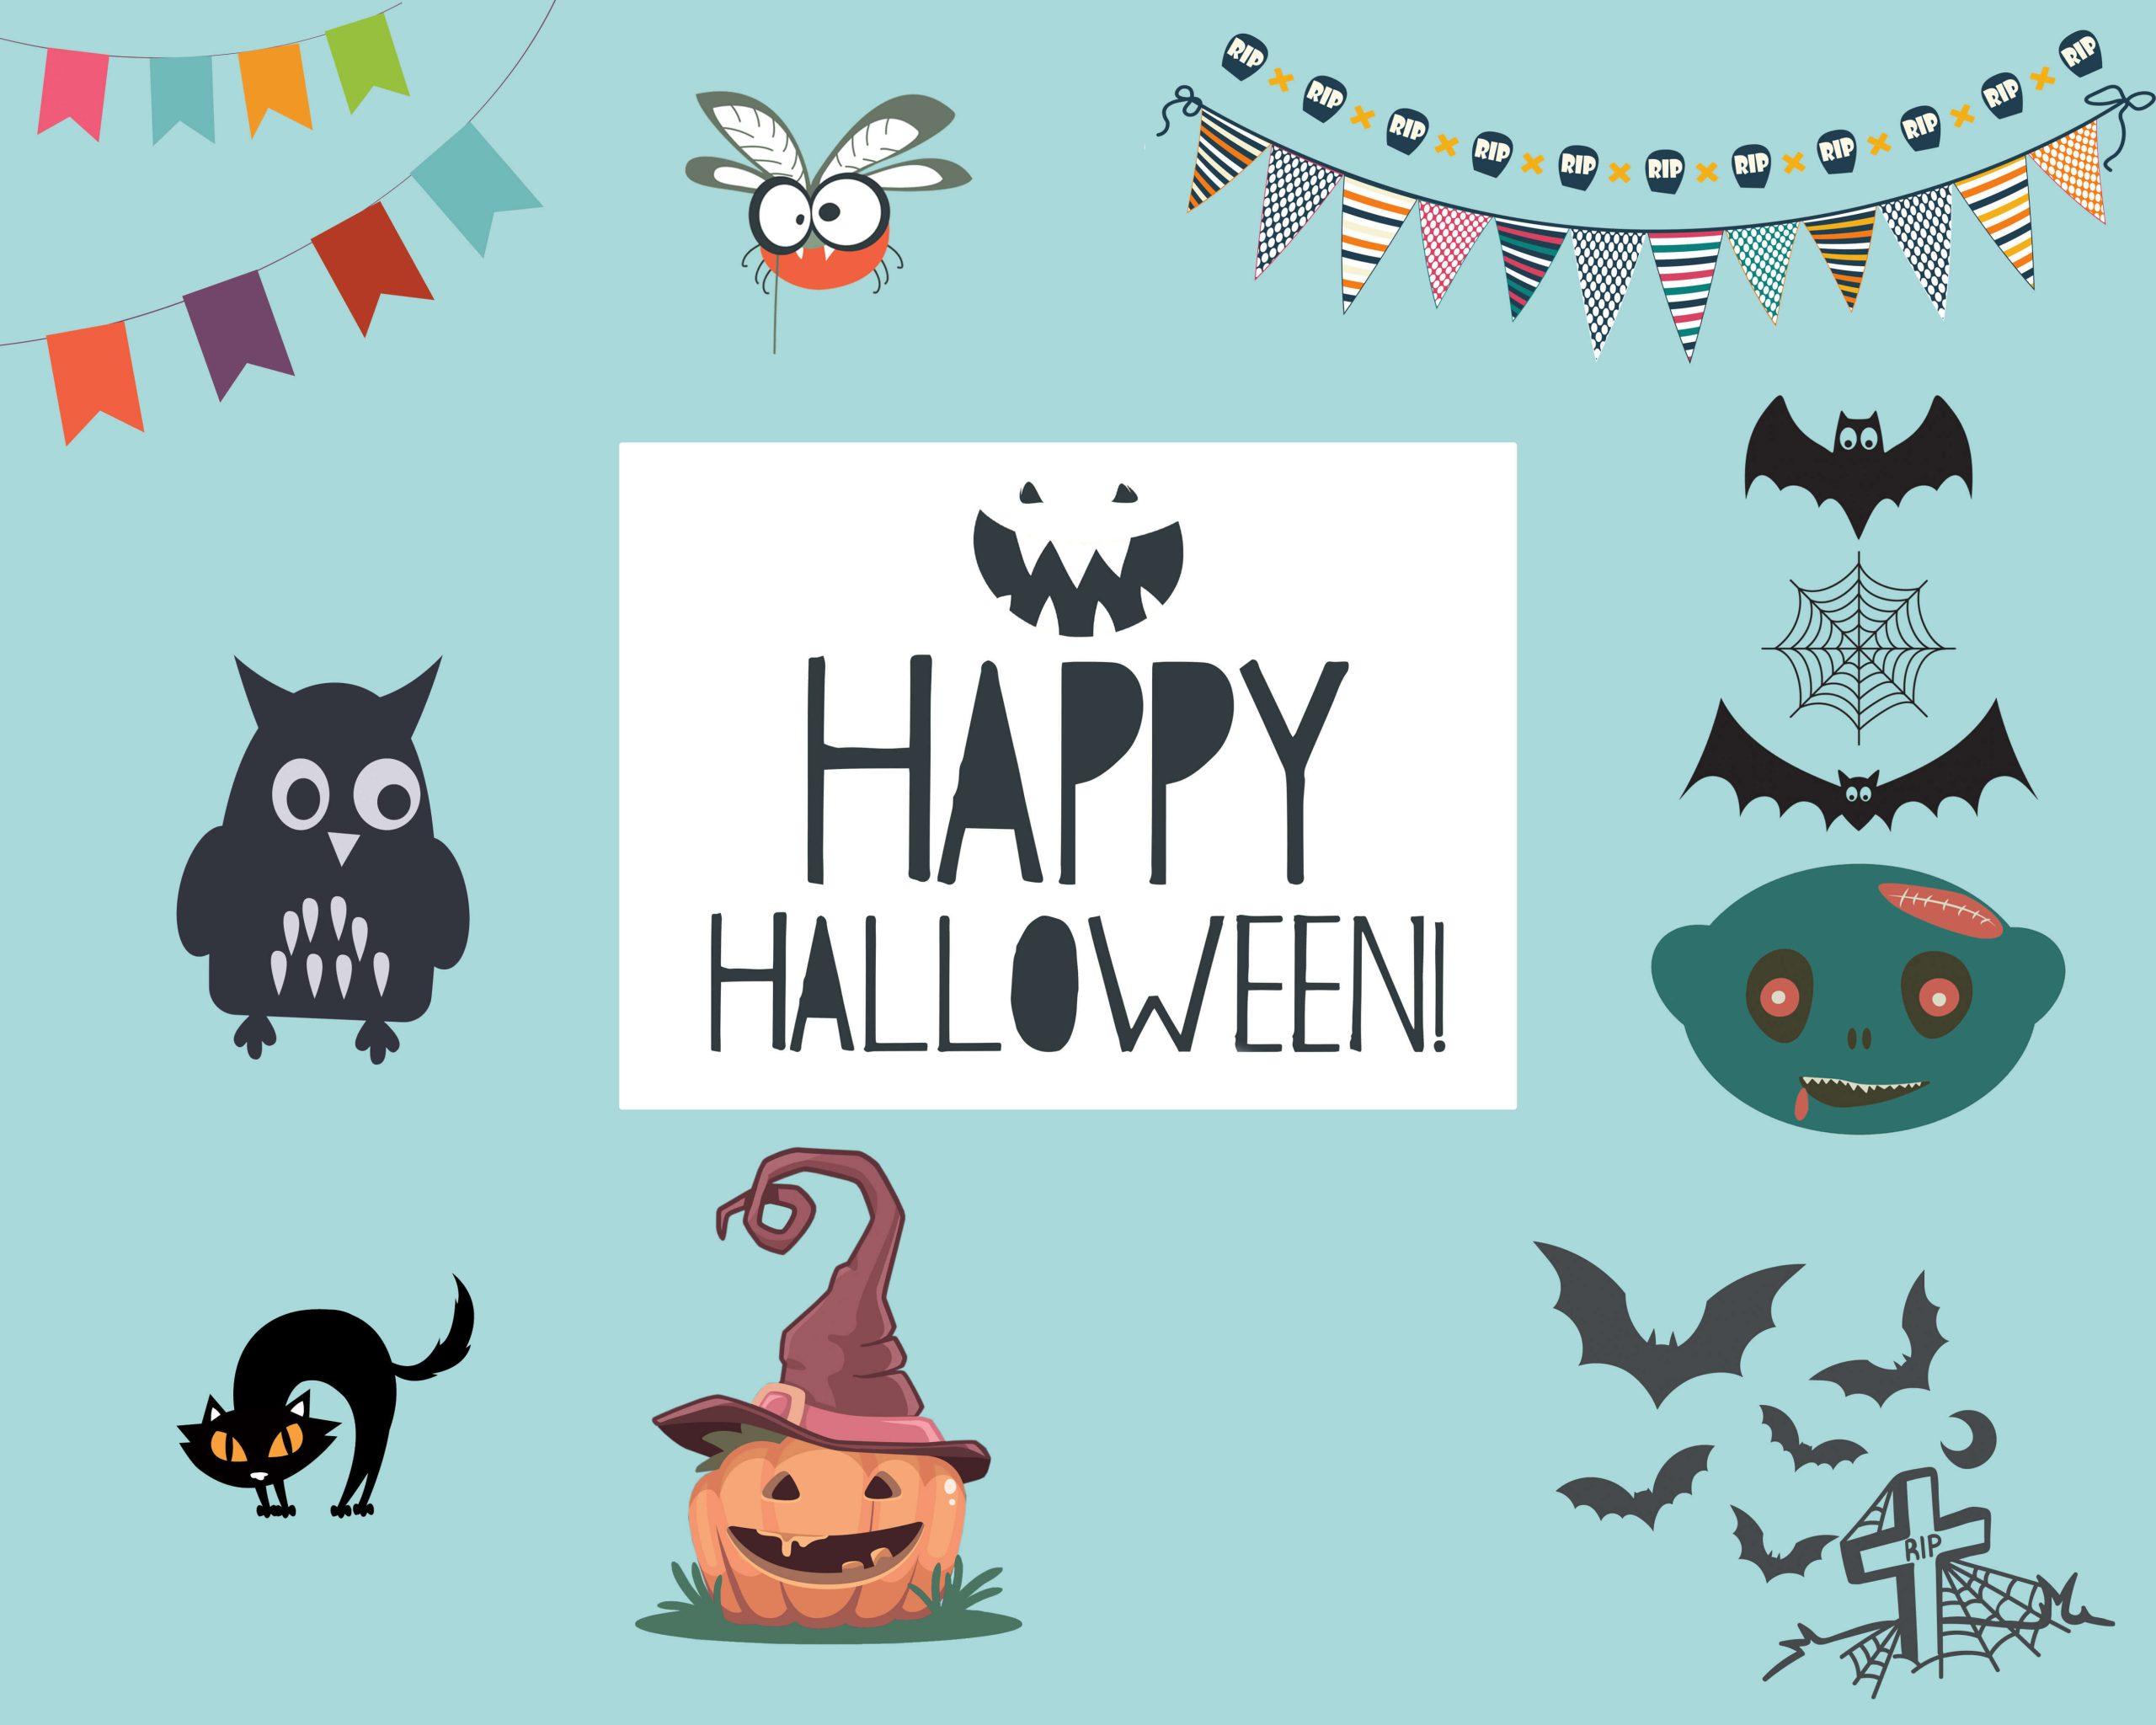 Spooky Vector Images - Halloween Bundle 2018